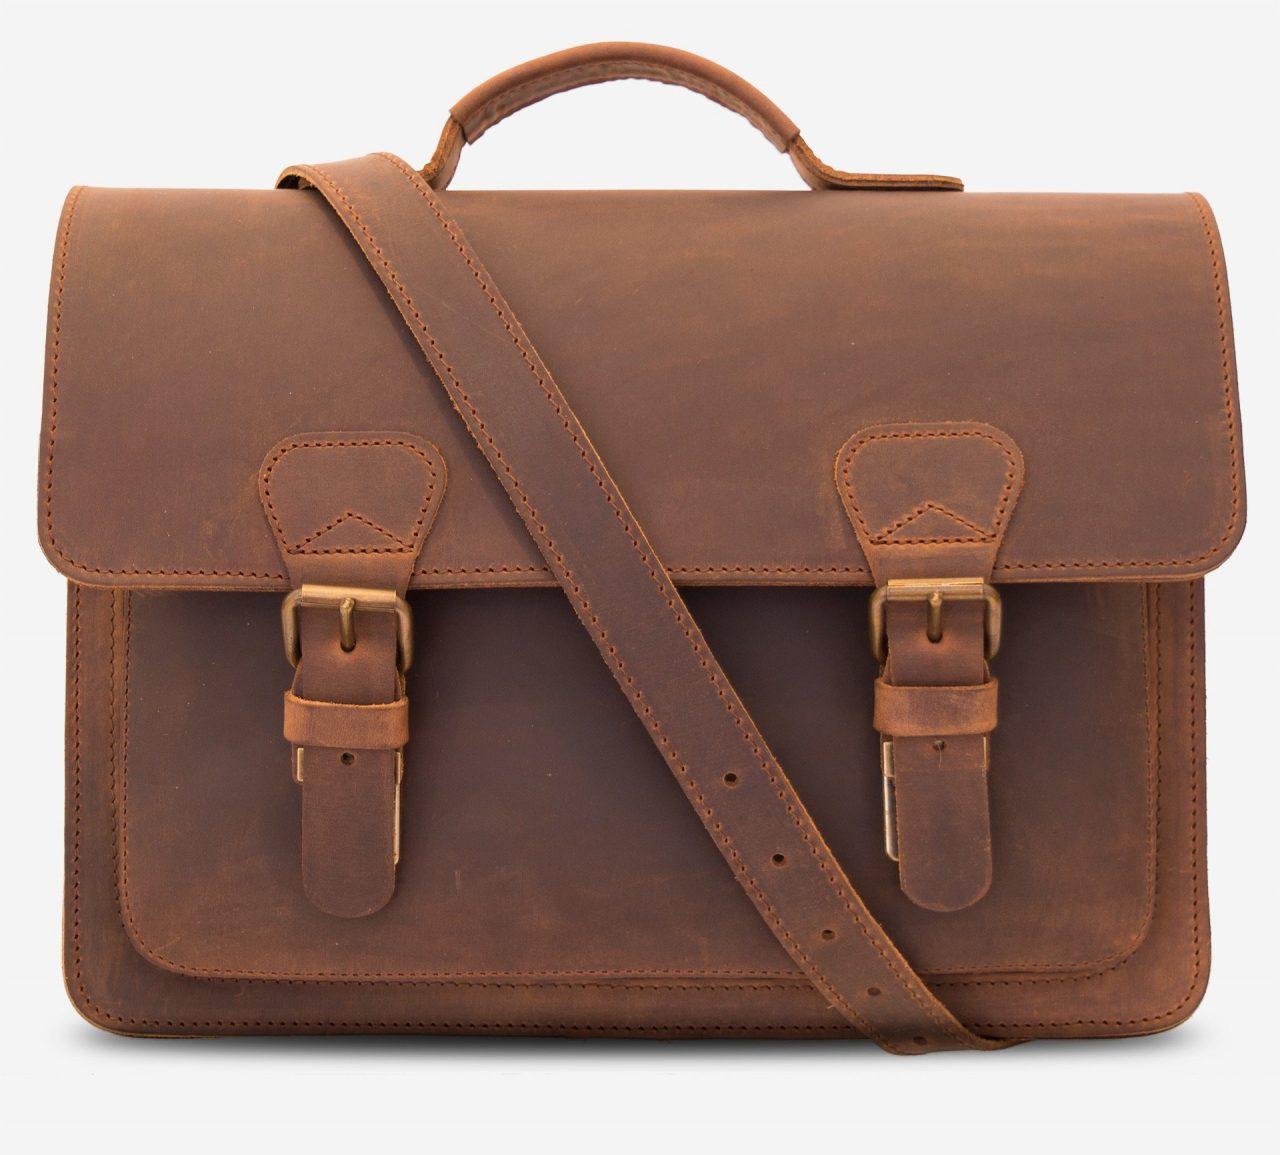 Serviette artisanale en cuir marron.